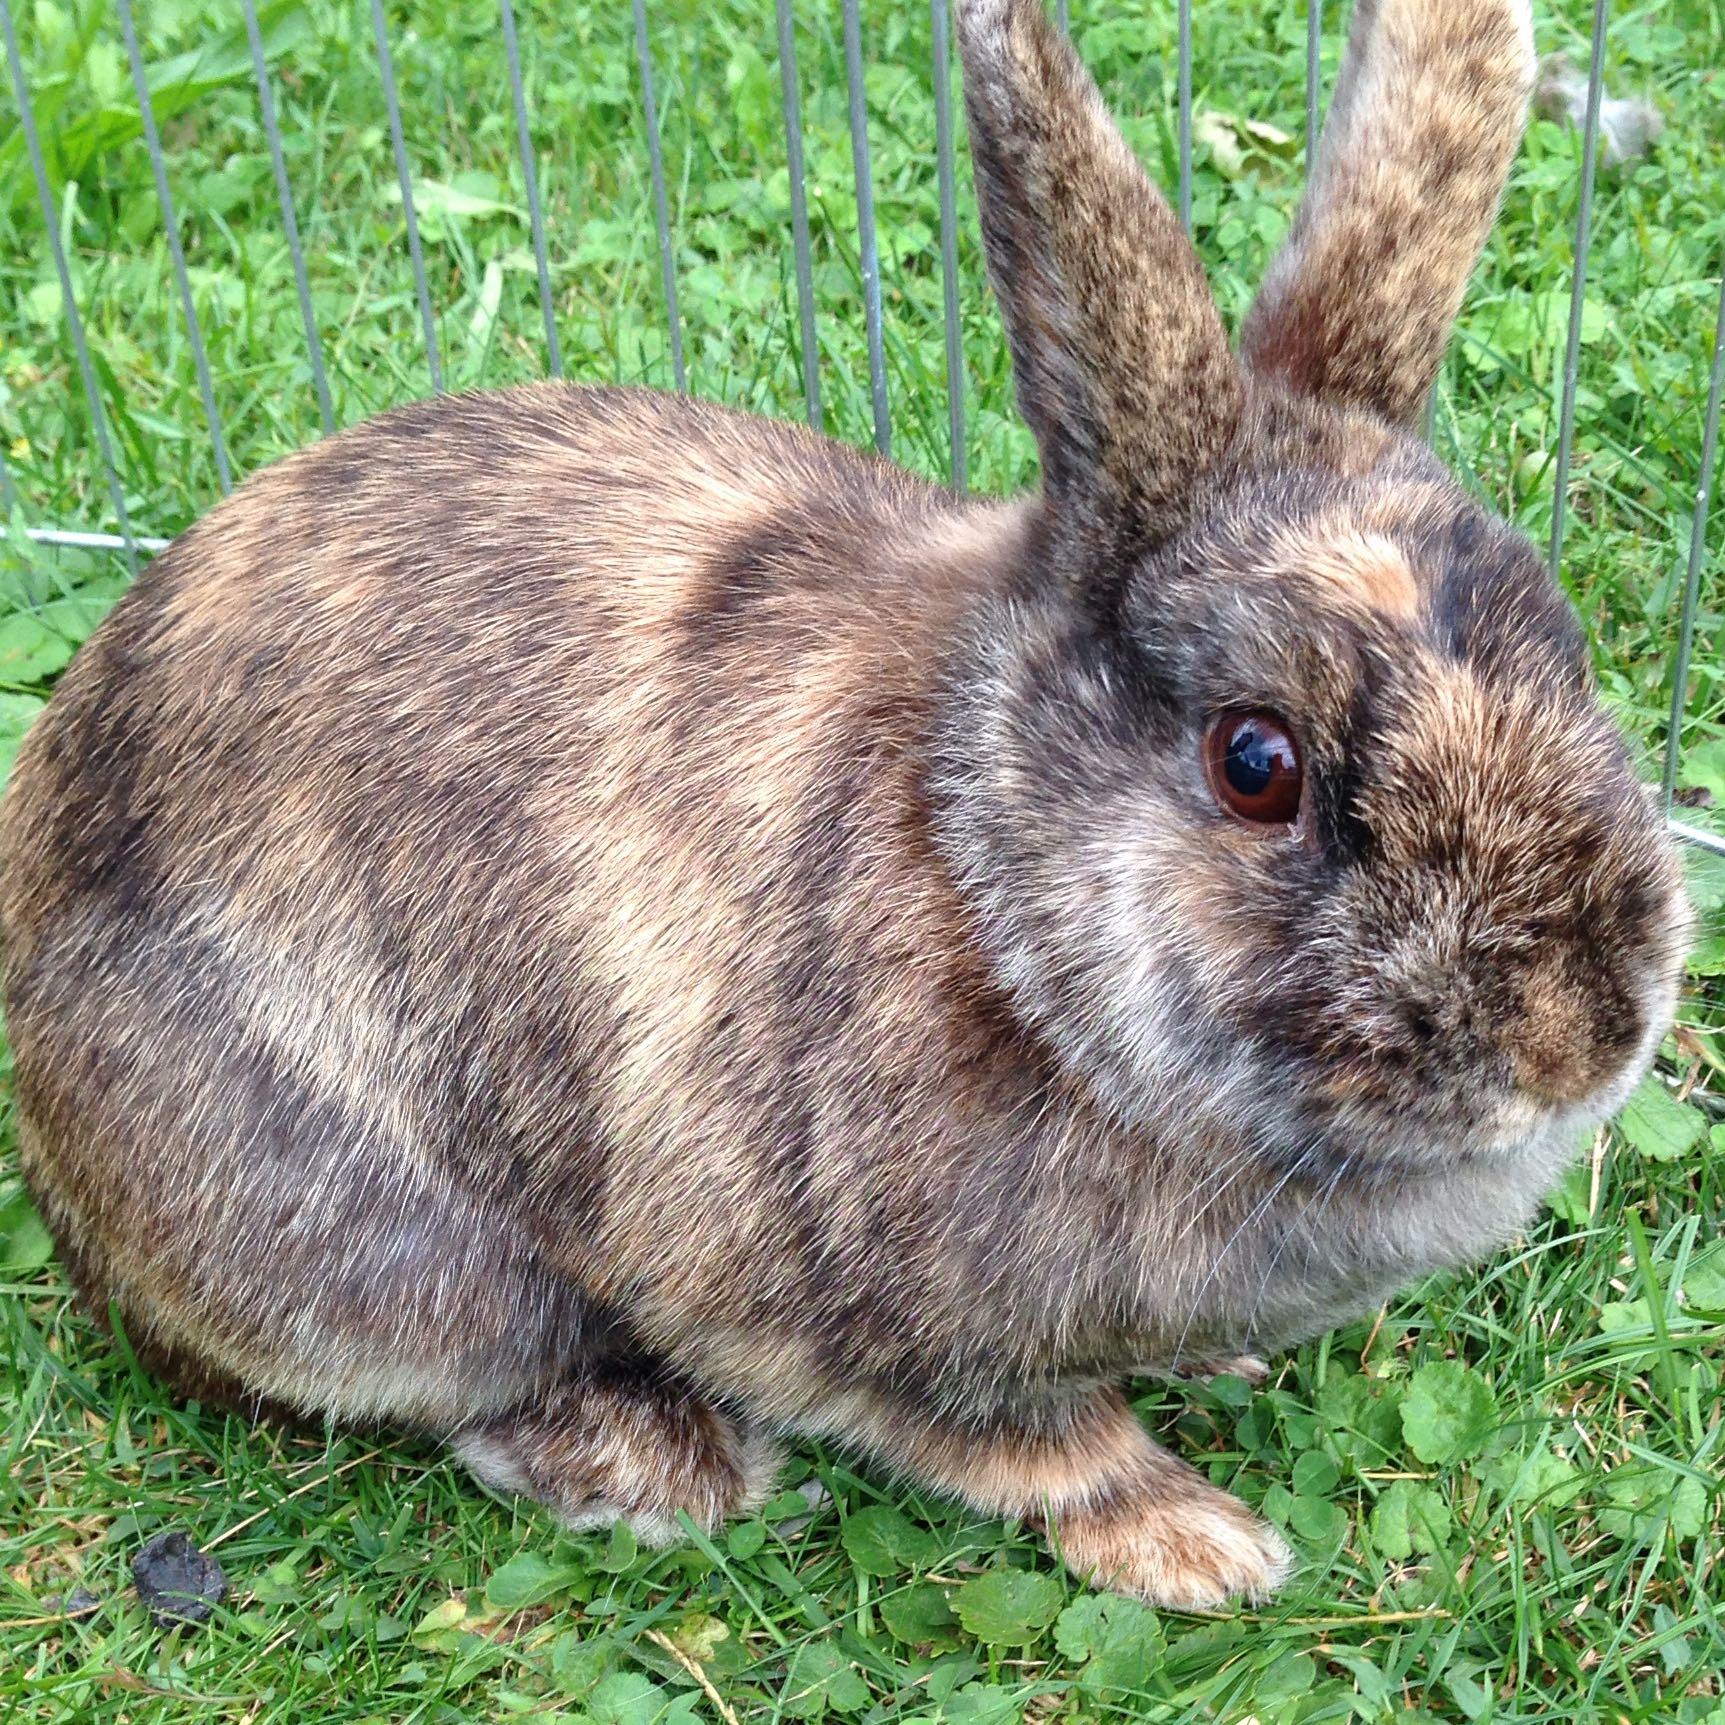 welche rasse haben meine kaninchen hasen kaninchenrasse. Black Bedroom Furniture Sets. Home Design Ideas